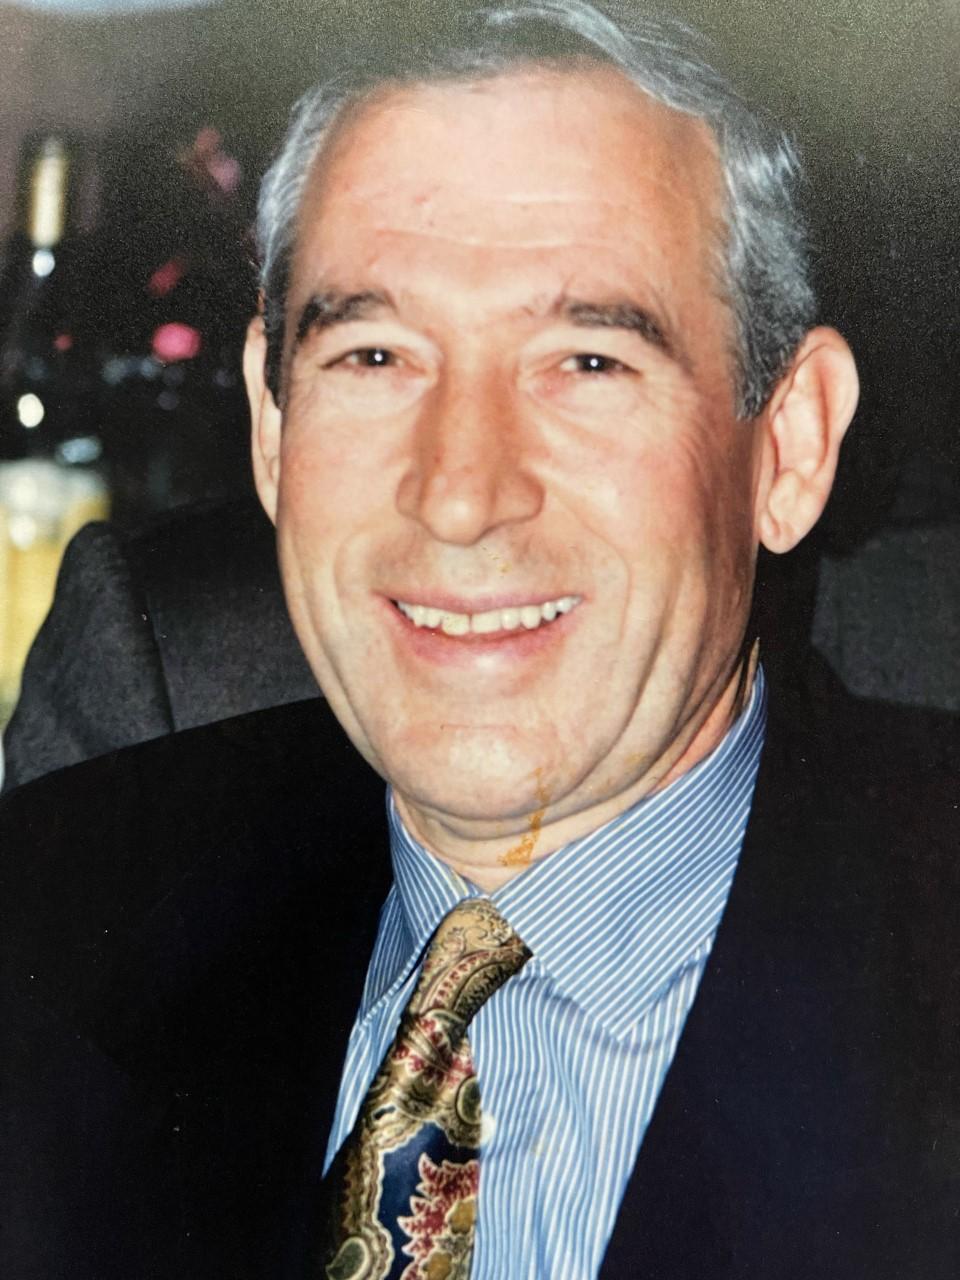 Πέθανε ο γνωστός Λαρισαίος βιομήχανος Ελευθέριος Ντριγκόγιας